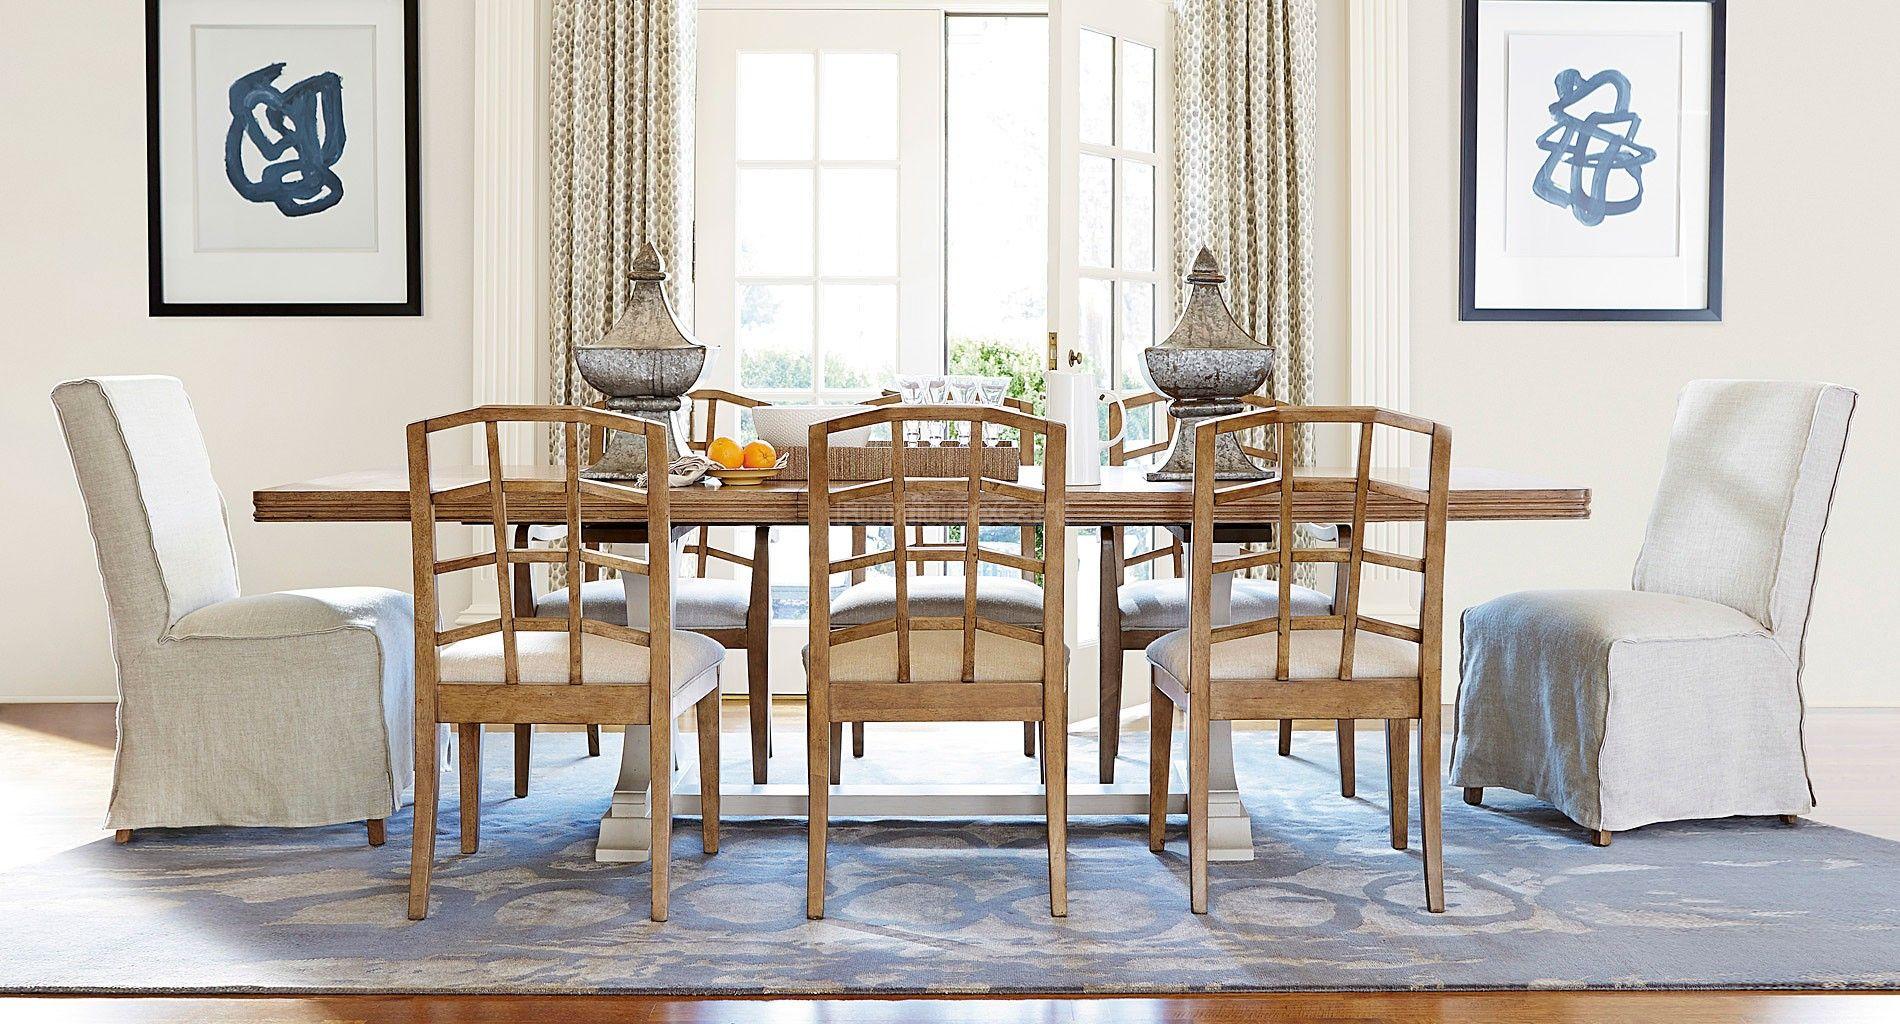 Moderne Muse Rectangular Dining Room Set Universal Furniture Brilliant Universal Furniture Dining Room Set Review